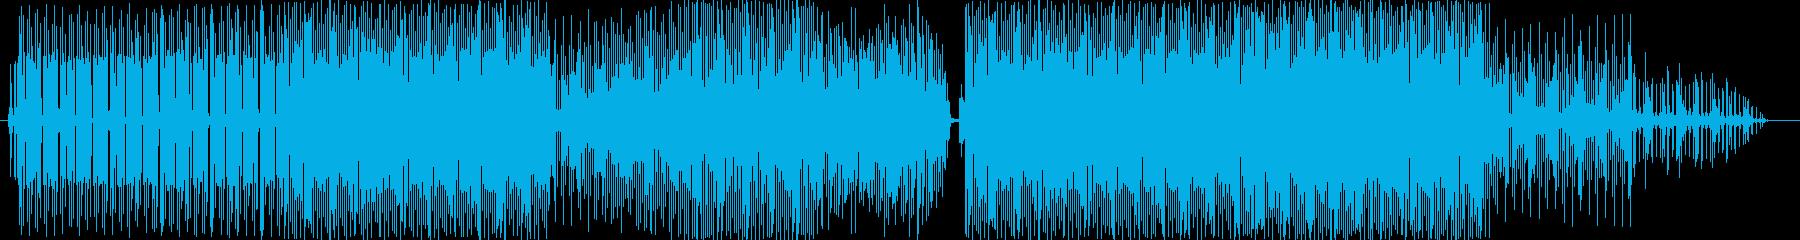 おしゃれな感じを演出する楽曲となってい…の再生済みの波形